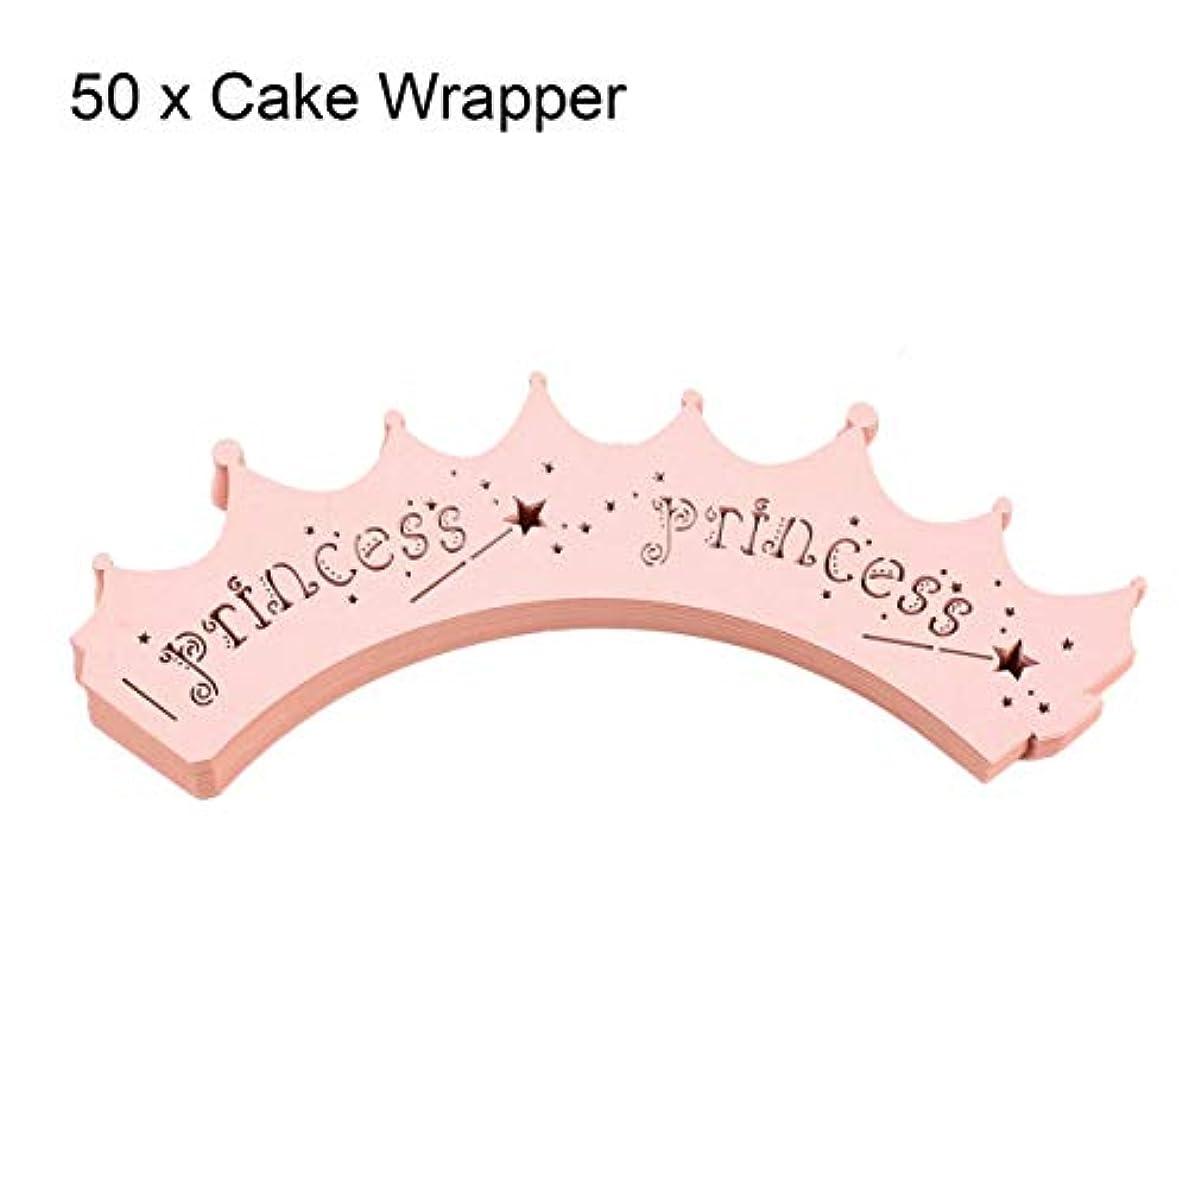 強い時間厳守アレルギー性Saikogoods 50個のレーザーカットカップケーキラッパー クラウン形状 マフィンケース ケーキ紙コップライナー 赤ちゃんプリンセス 誕生日パーティーの装飾 ピンク